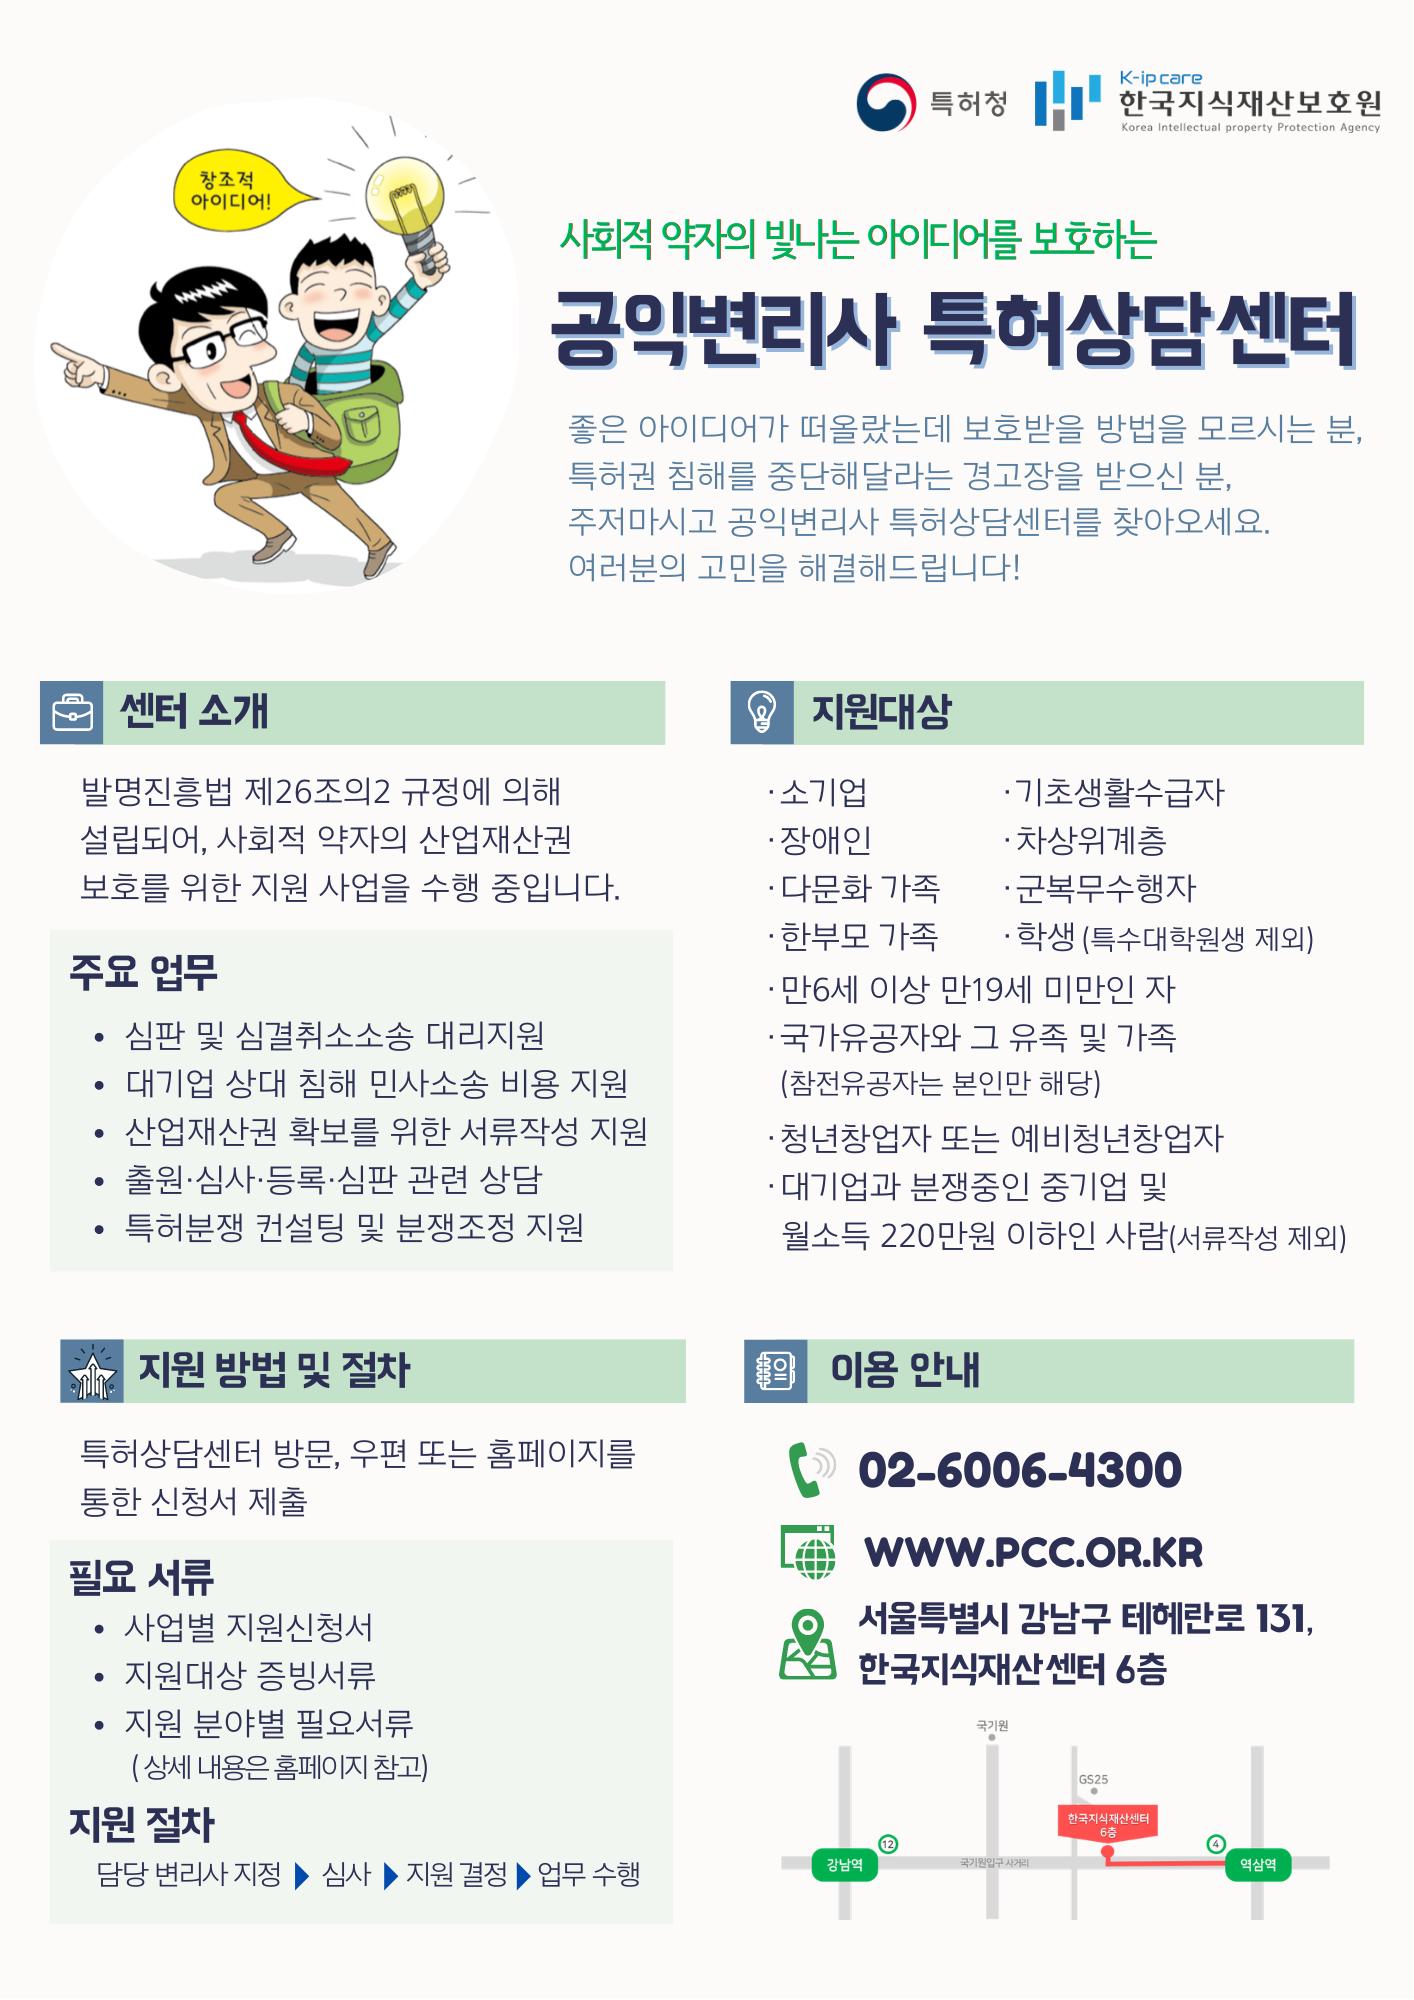 사회적 약자의 지식재산권 보호 지원사업 홍보 [이미지]